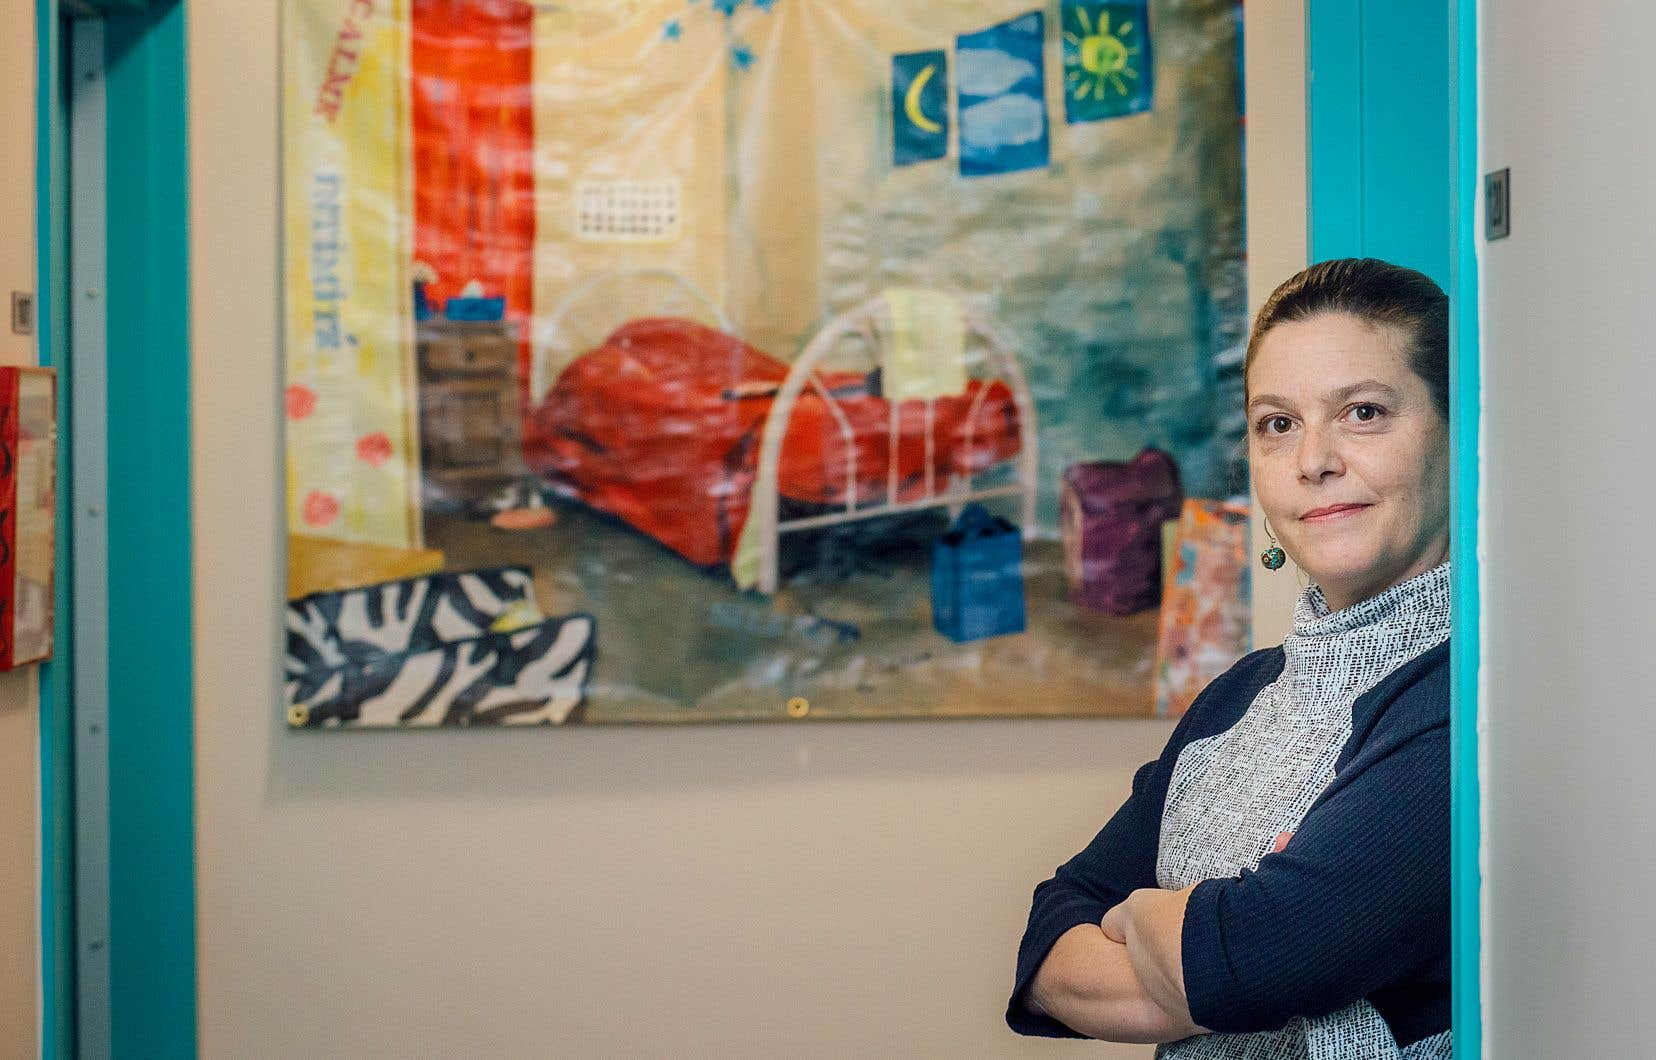 À l'Auberge Madeleine, on constate une baisse de l'achalandage. Ici, la maison roule à plein régime en tout temps, mais on refuse moitié moins de gens qu'à l'habitude, explique la directrice de cette ressource pour femmes, Mélanie Walsh.